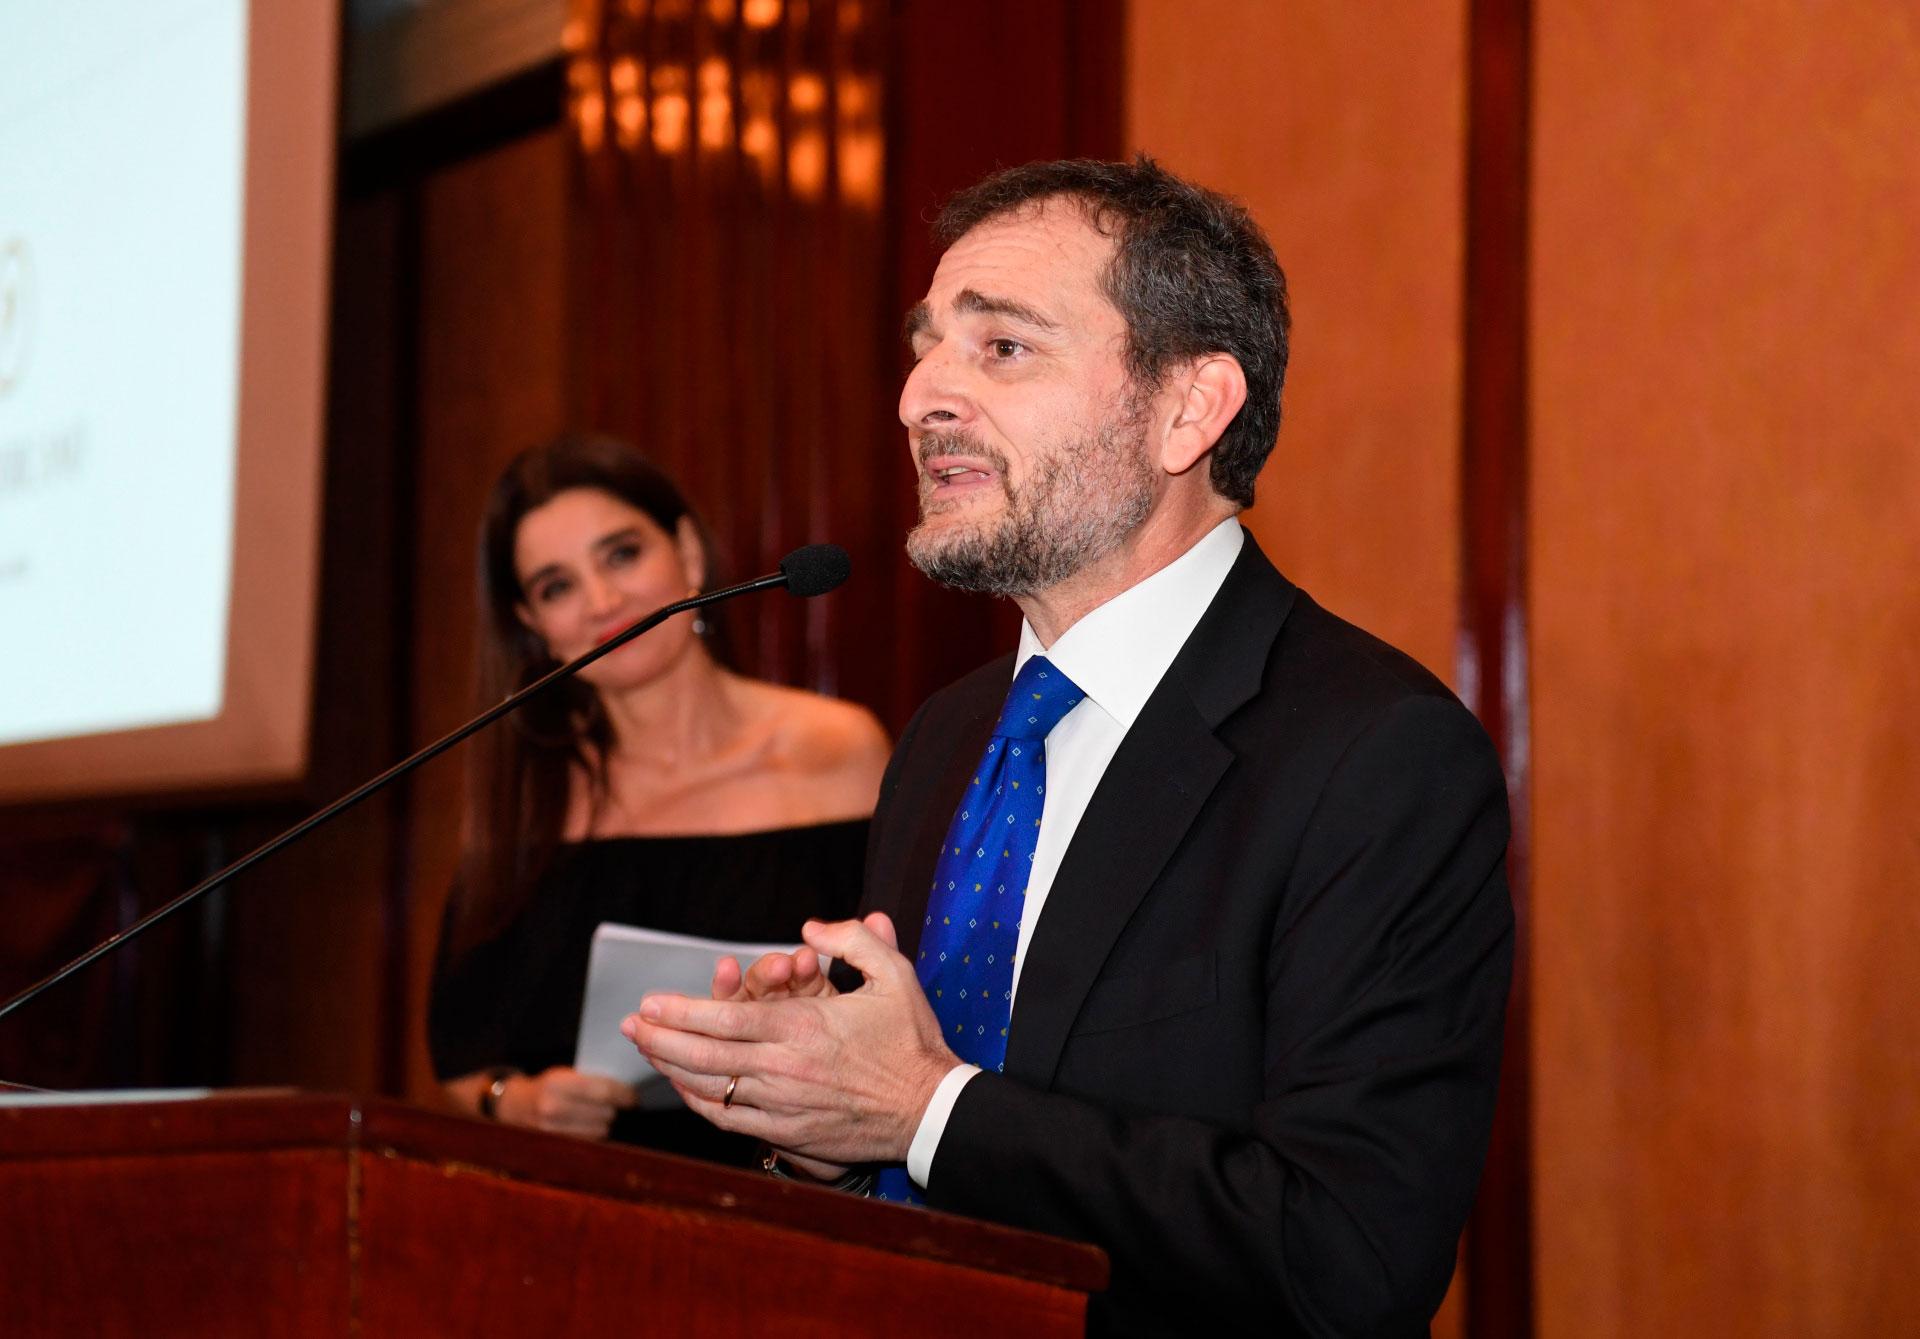 El discurso del cónsul general de Italia, Riccardo Smimmo